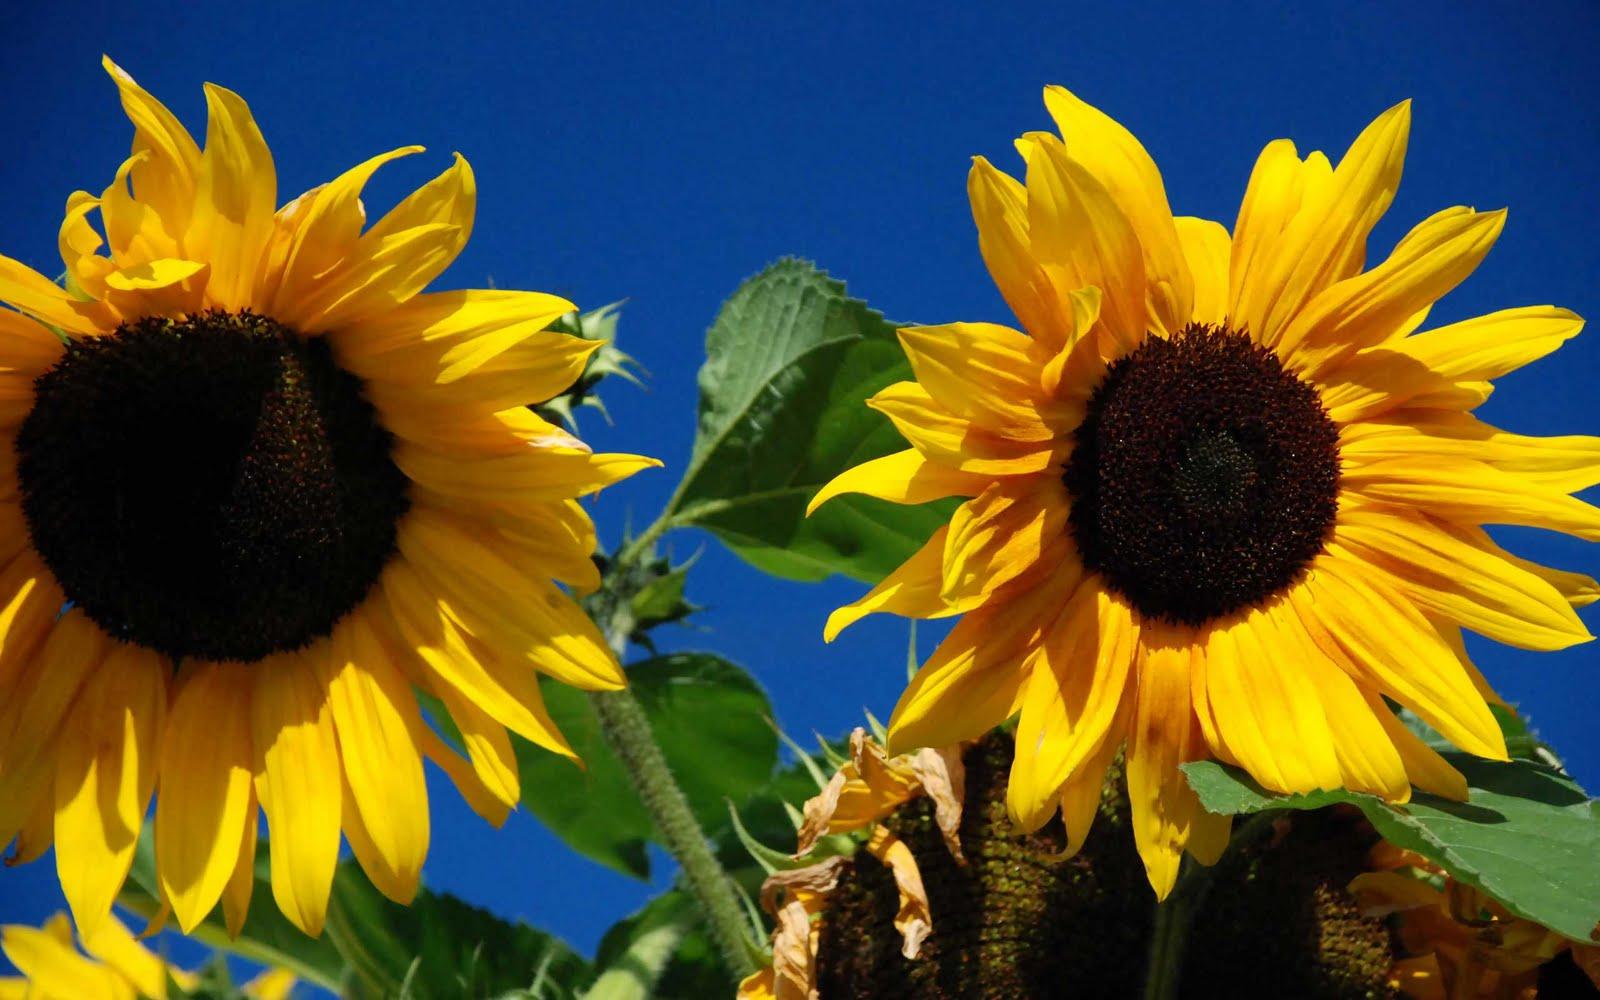 Wallpaper Beautiful Sunflower Wallpapers